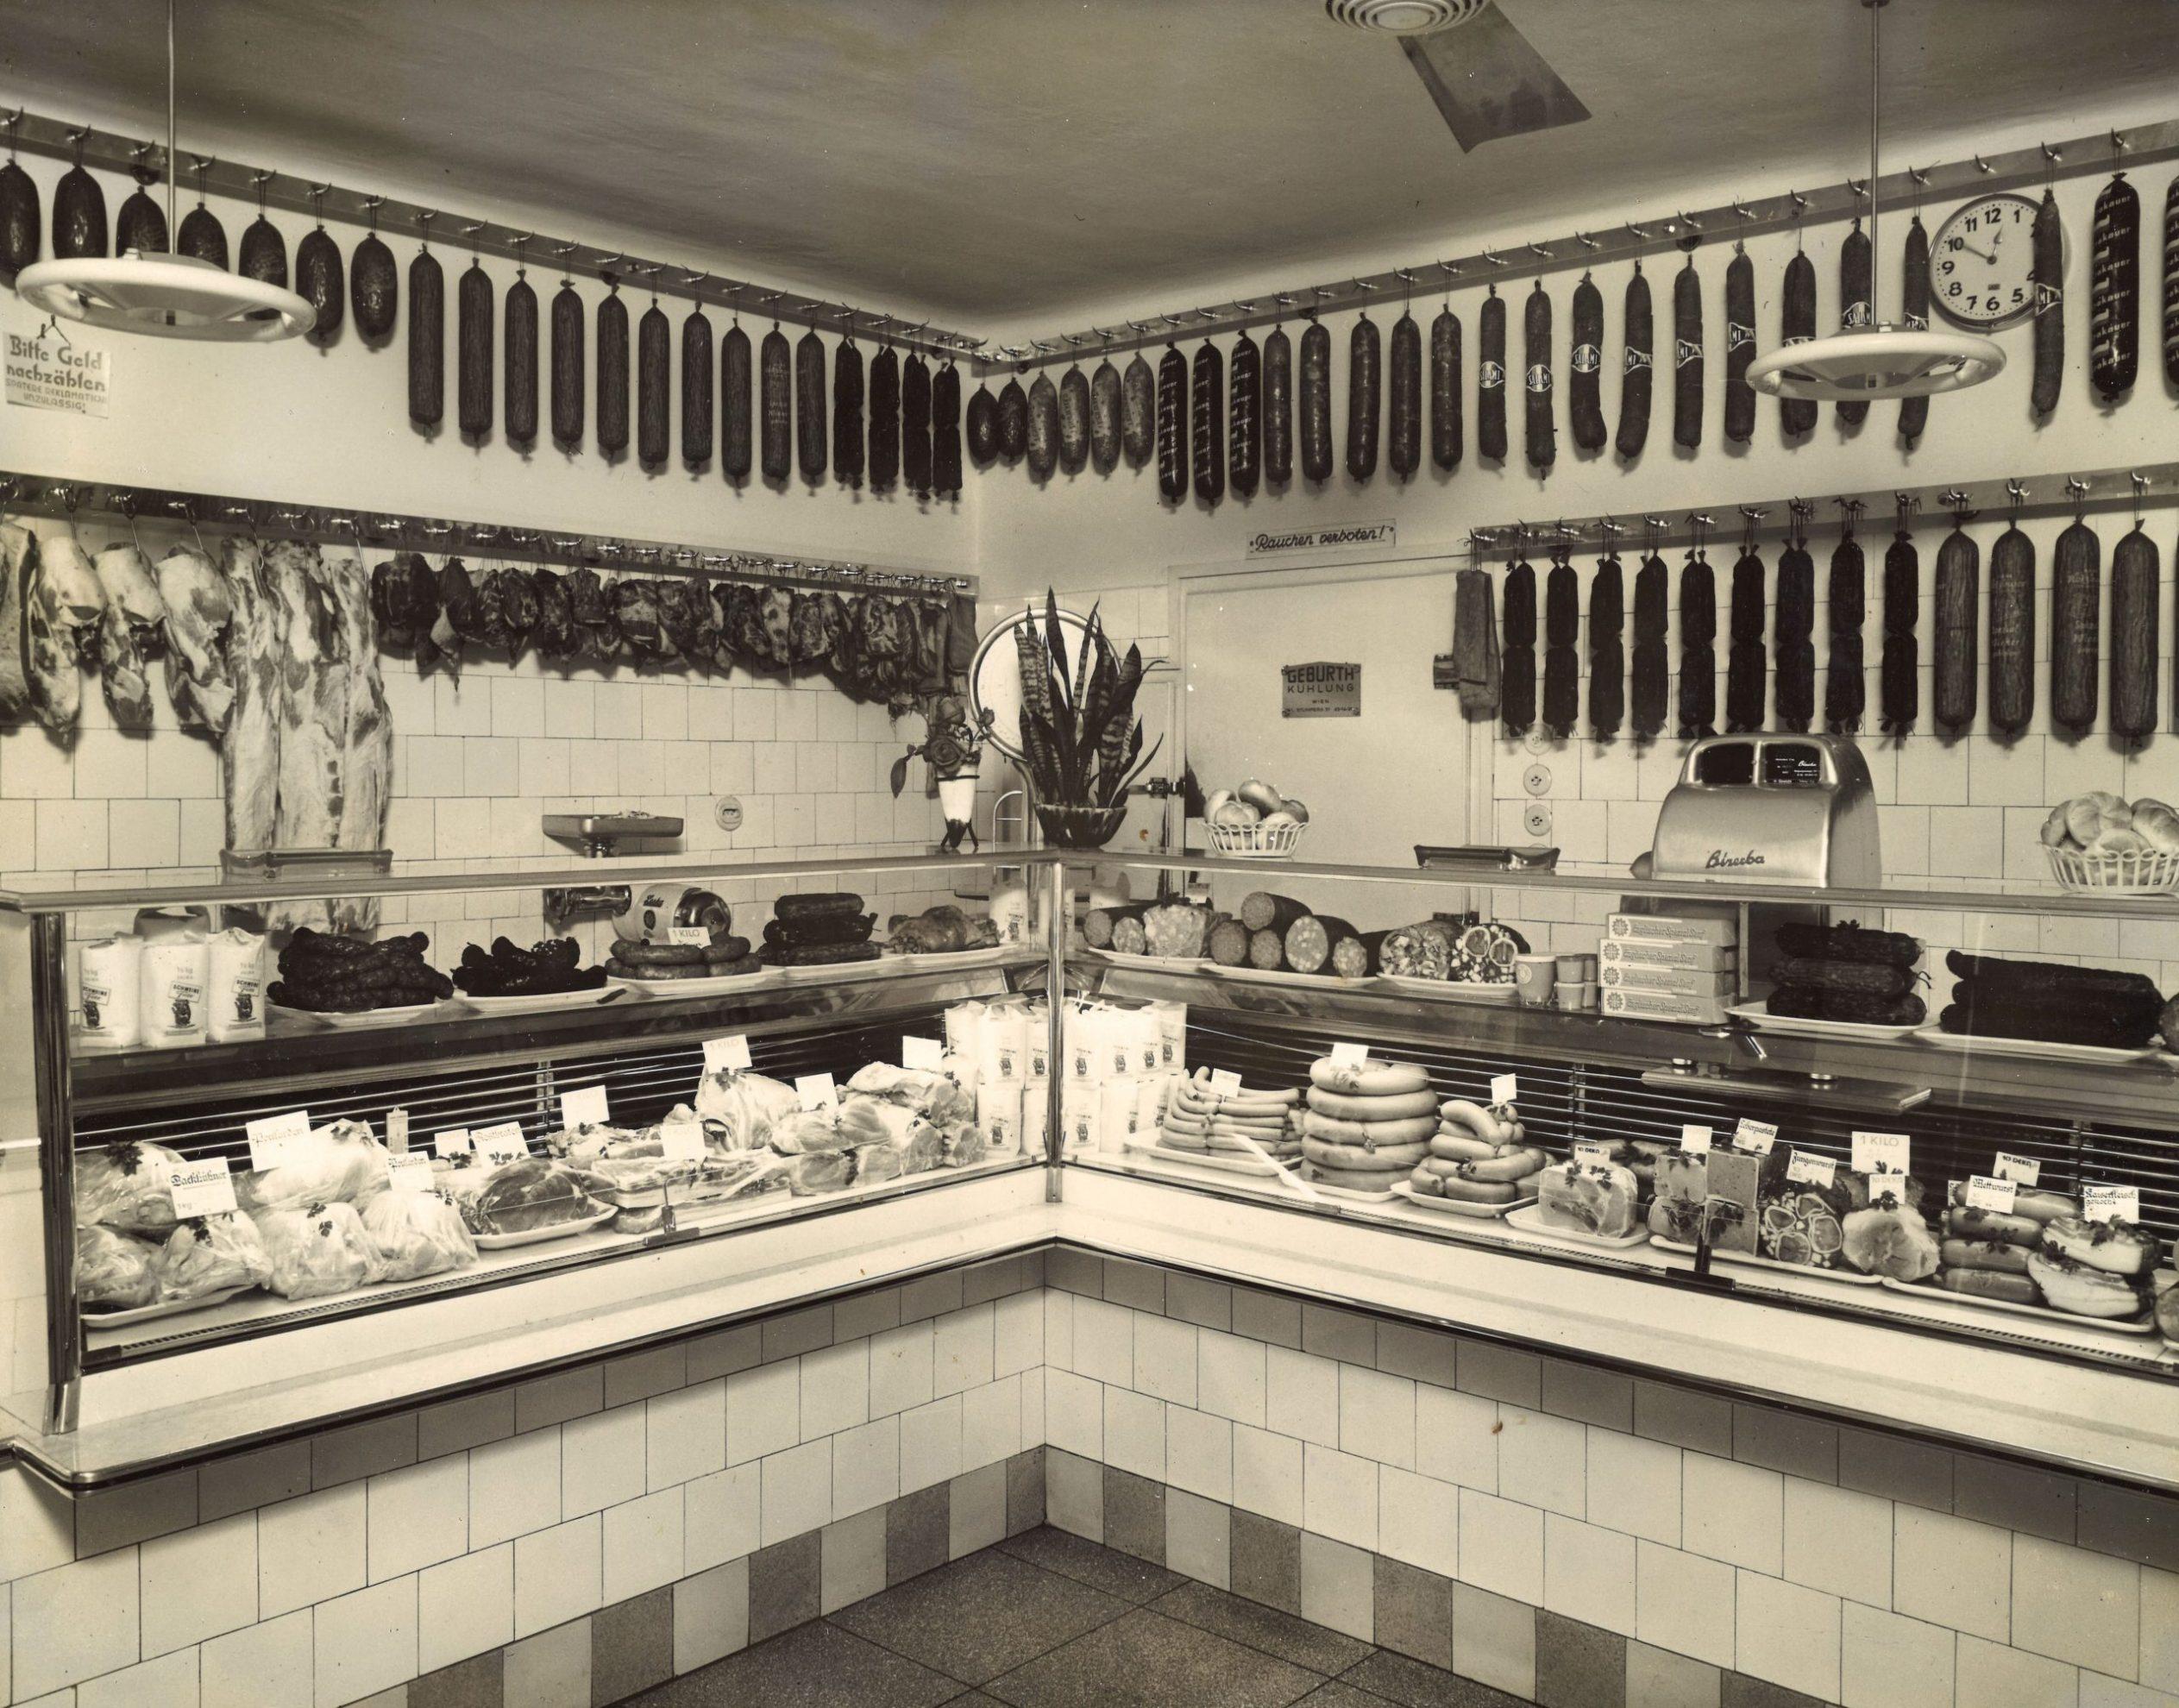 Geschäftsraum der Fleischerei Holzinger um 1960 mit vielen Wurst und Fleischwaren